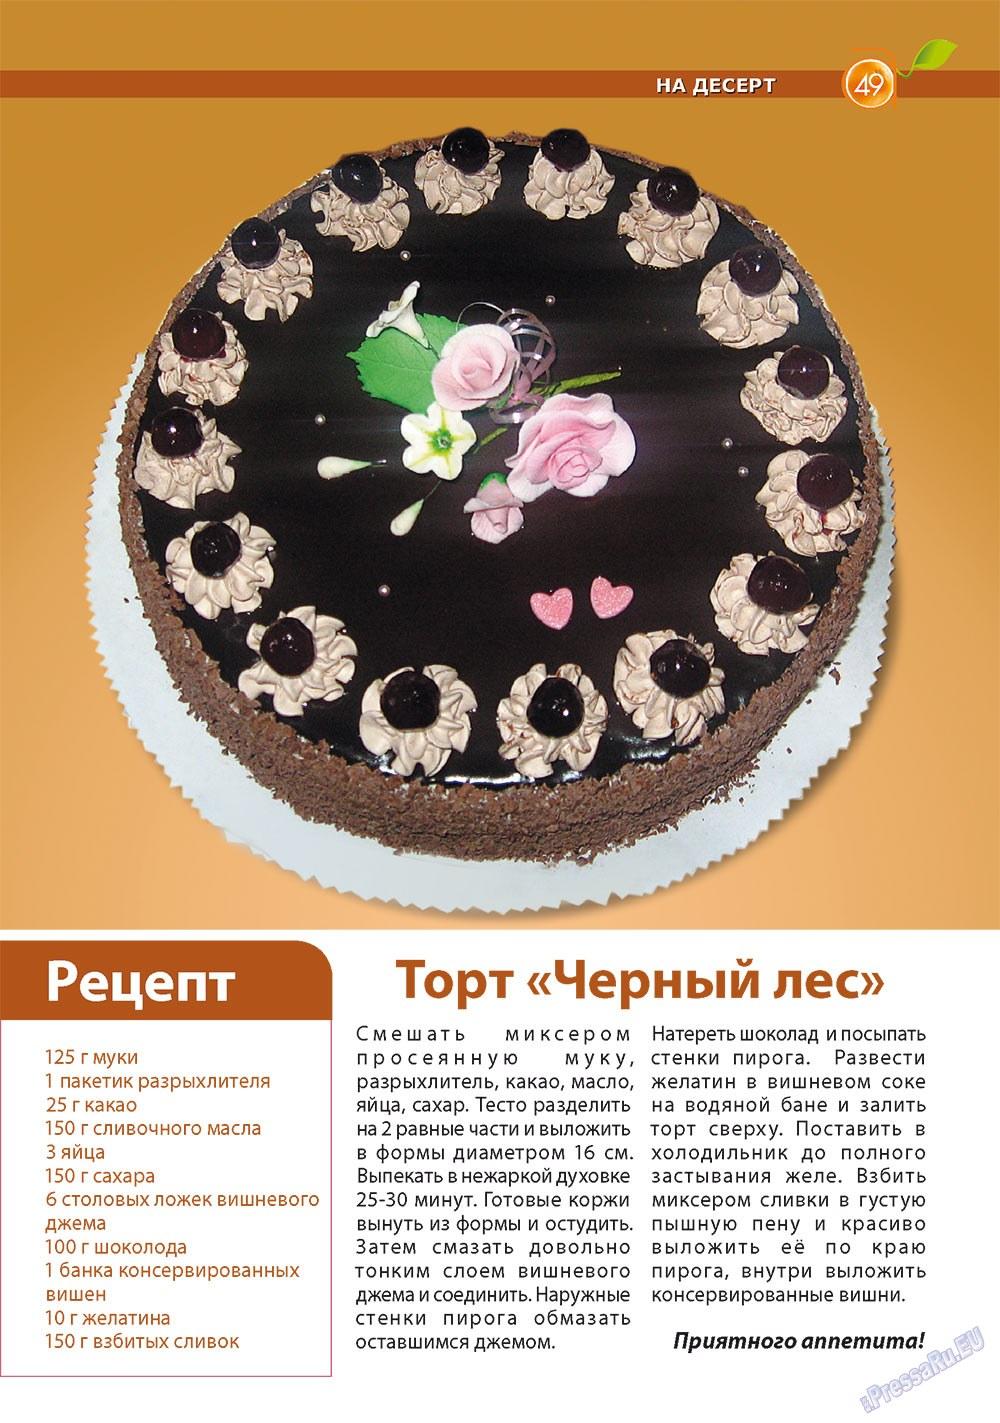 Апельсин (журнал). 2011 год, номер 28, стр. 49